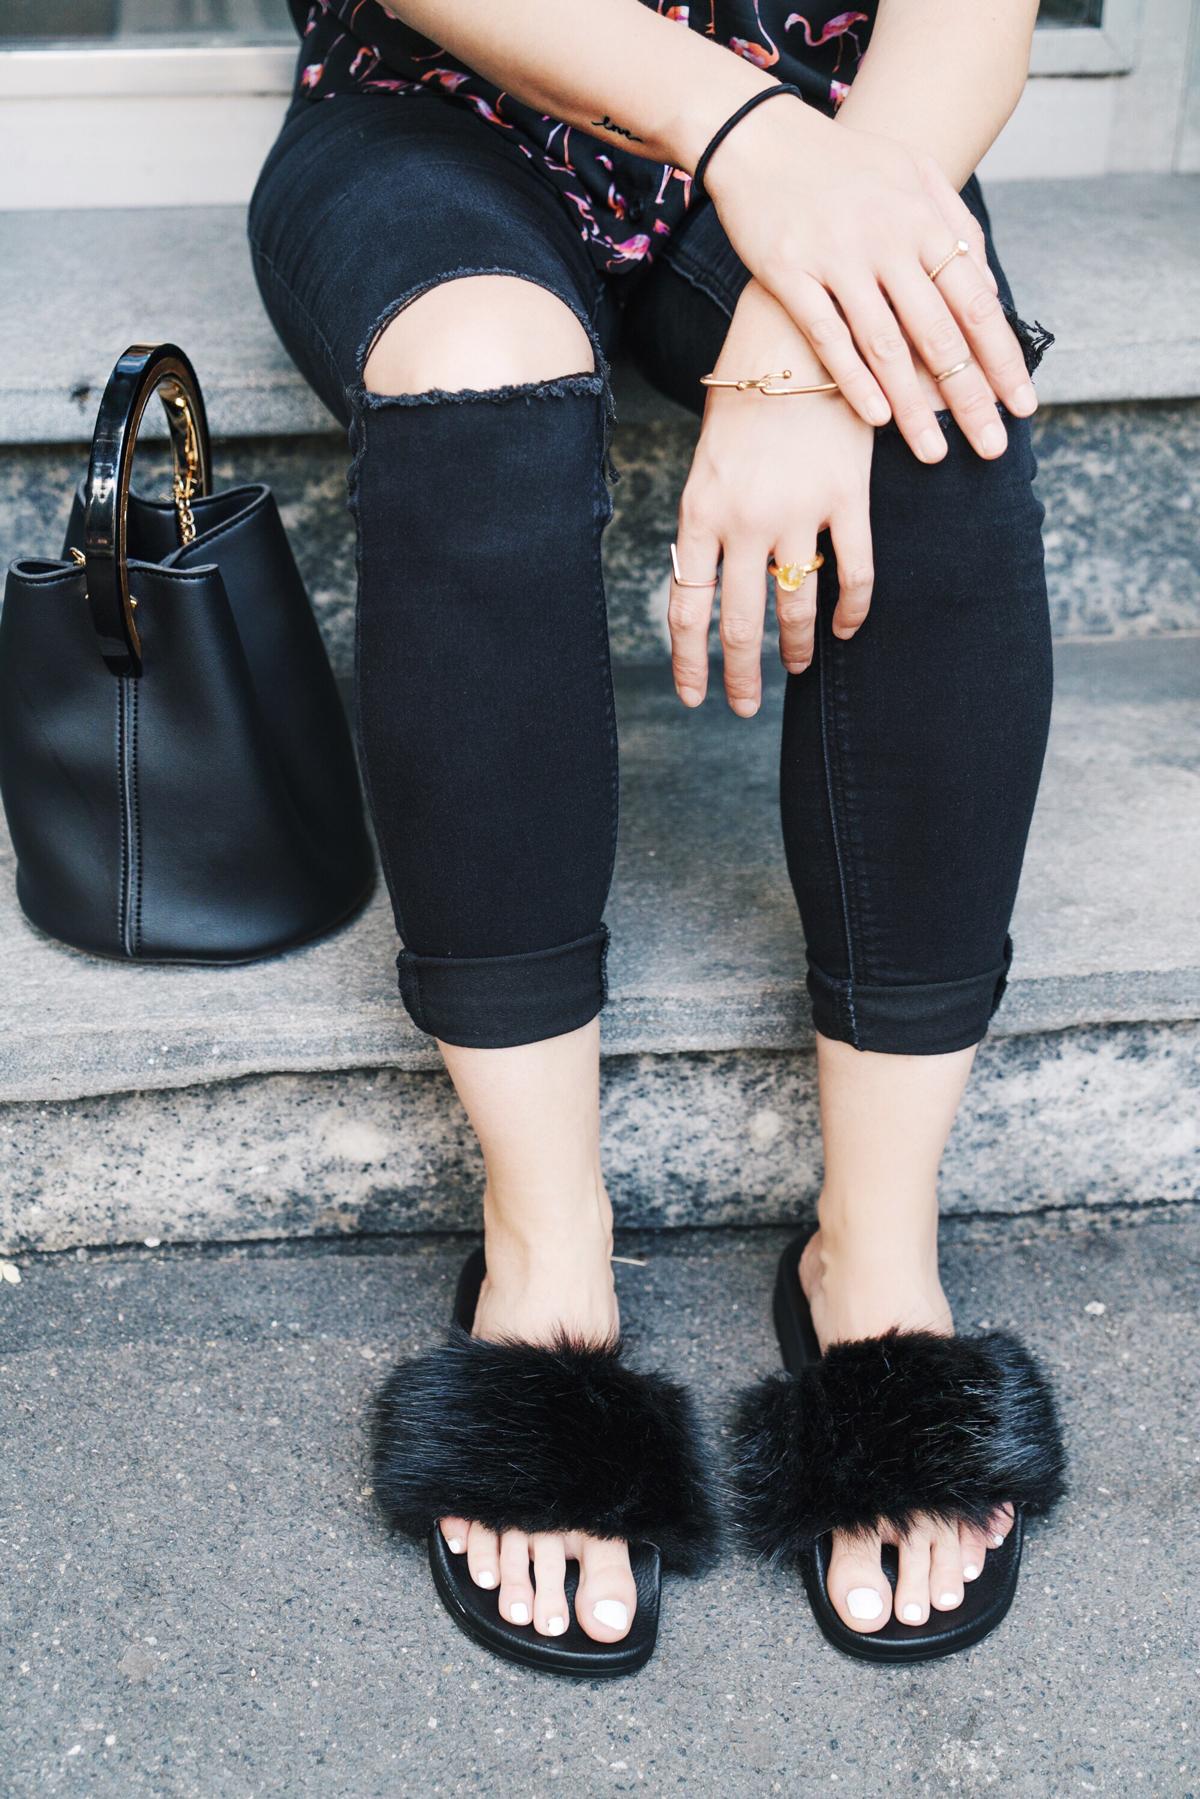 Andrea Steiner Fashionblogger von Strawberries 'n' Champagne trägt eine schwarze Bluse mit Flamingos von Topshop, dazu schwarze Jeans von River Island. Hut ist von H&M und die Schuhe ebenfalls von Topshop. Ohrringe und Tasche sind von Hongkong und das Armband von Skagen Denmark.